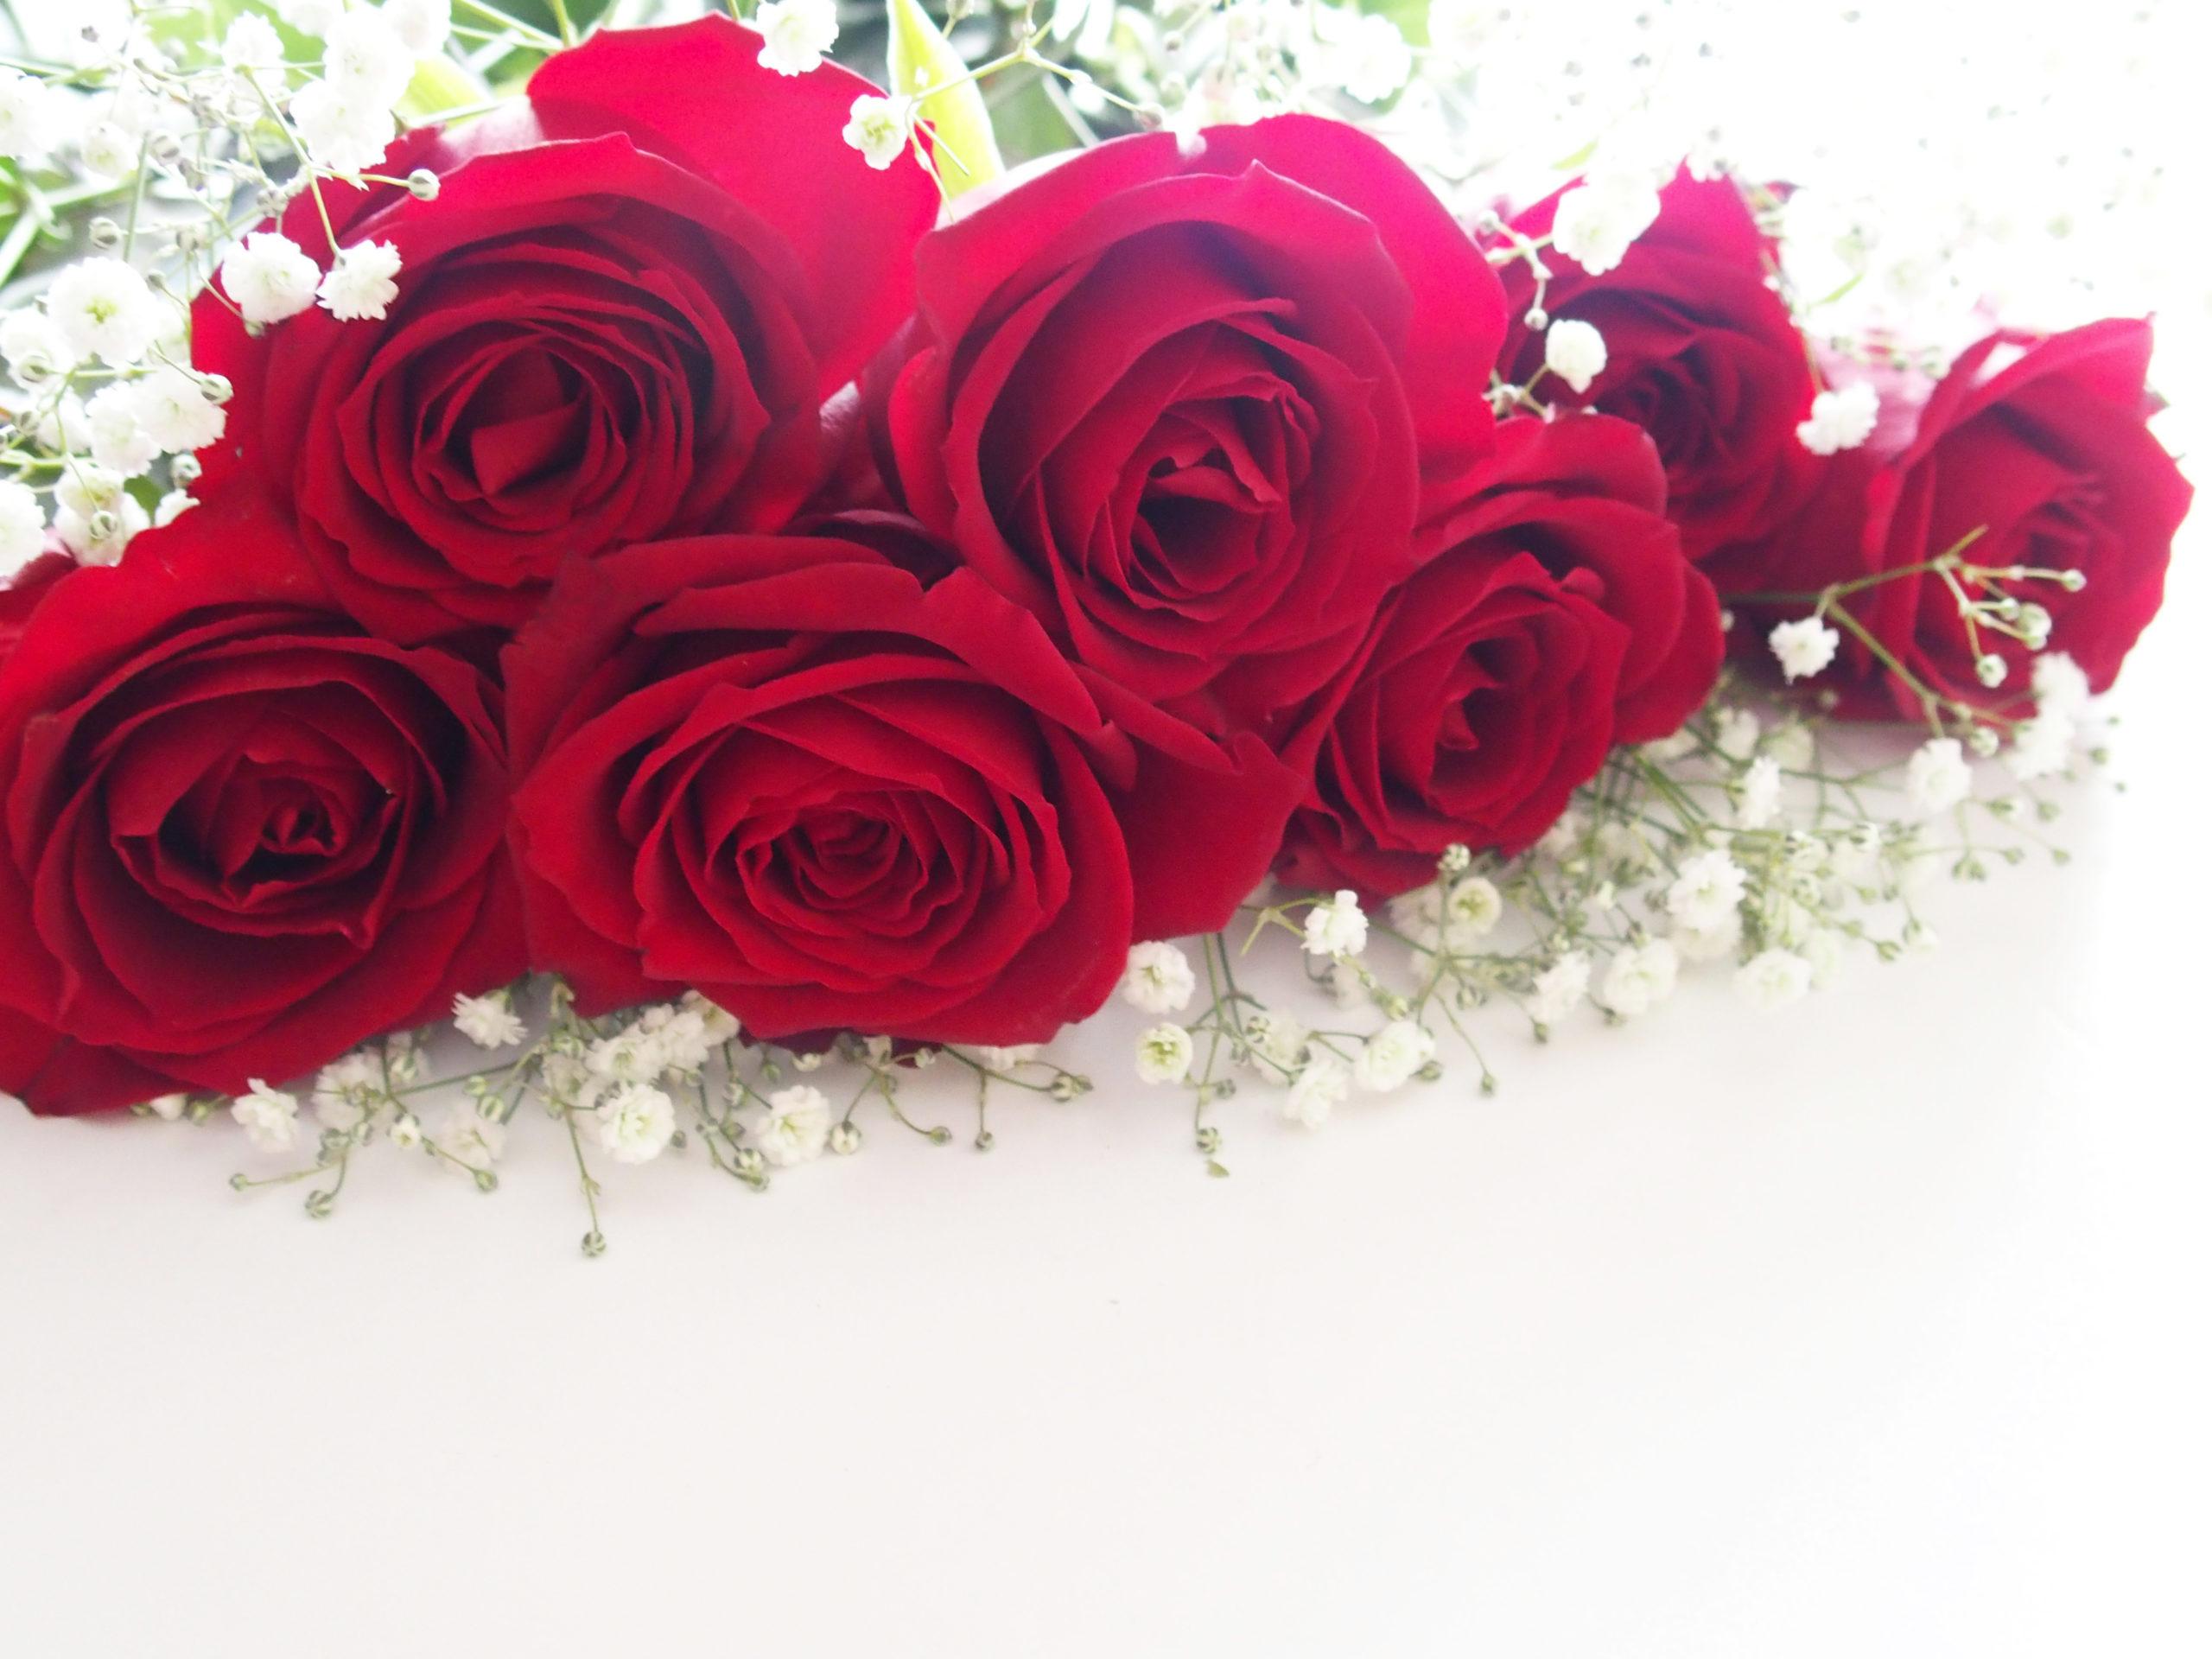 赤い薔薇とかすみ草の花束